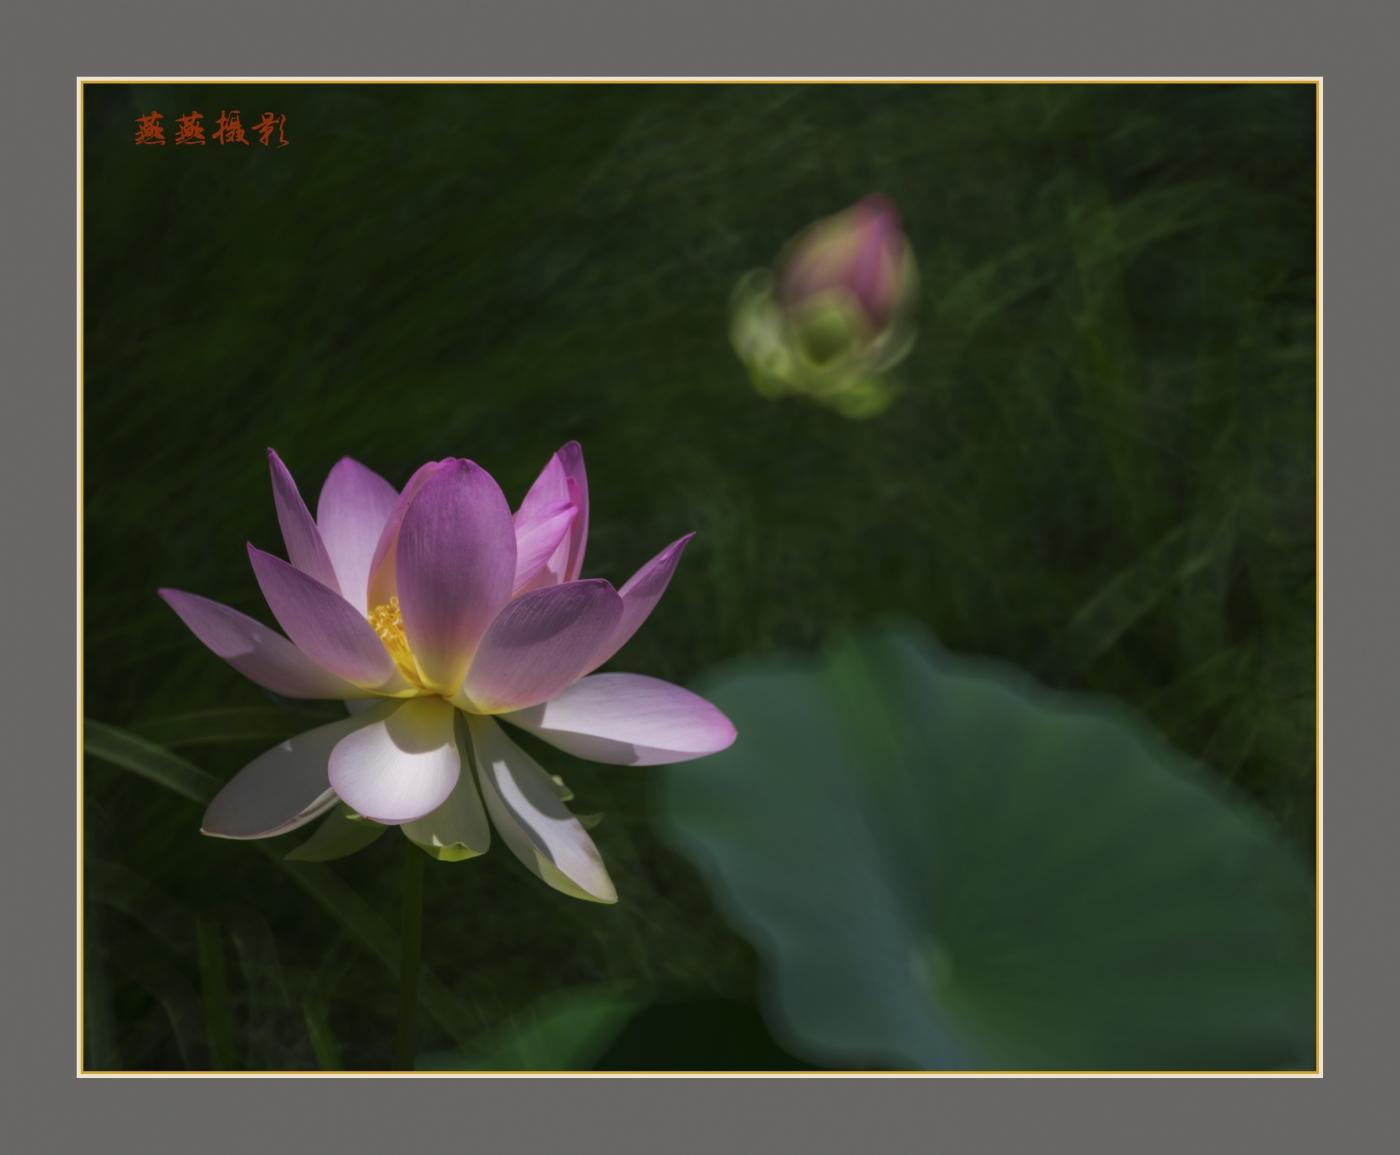 荷香_图1-1